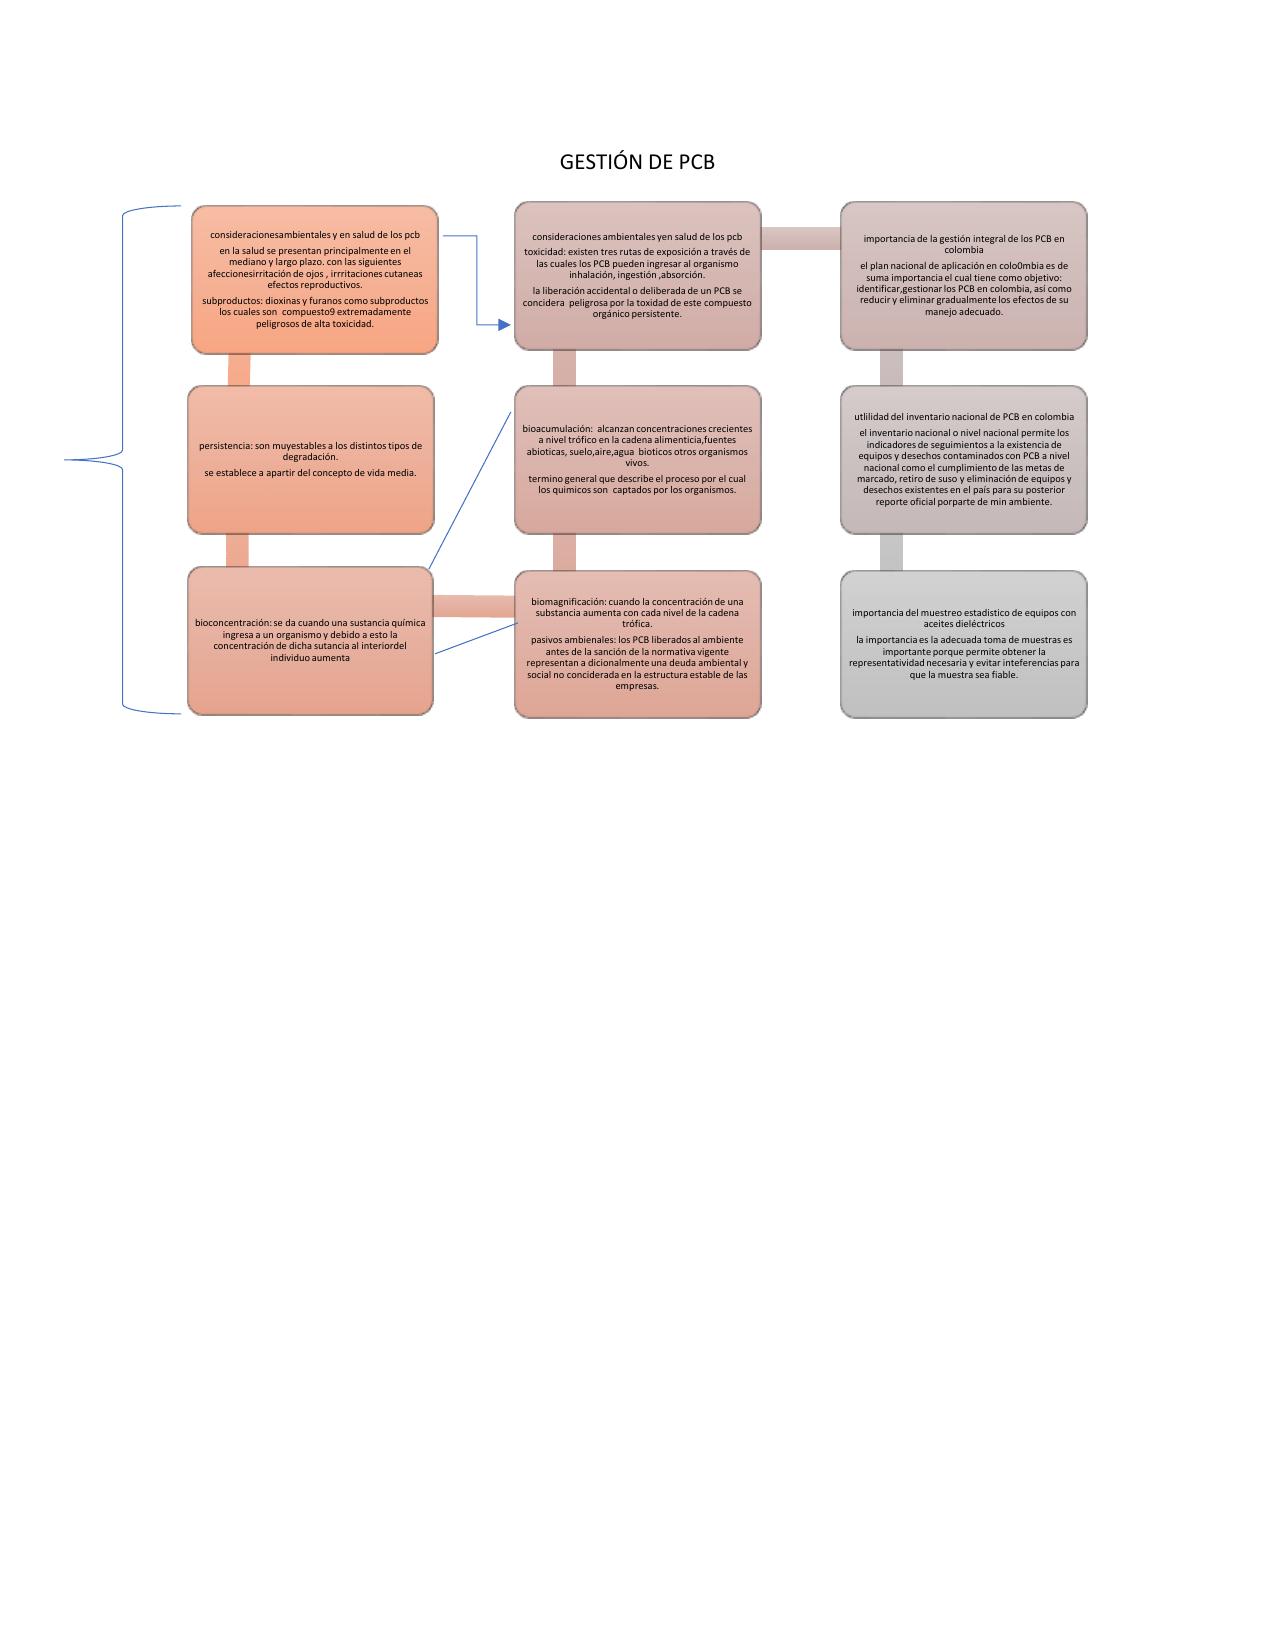 Actividad 3 Mapa Conceptual Gestión De Pcb